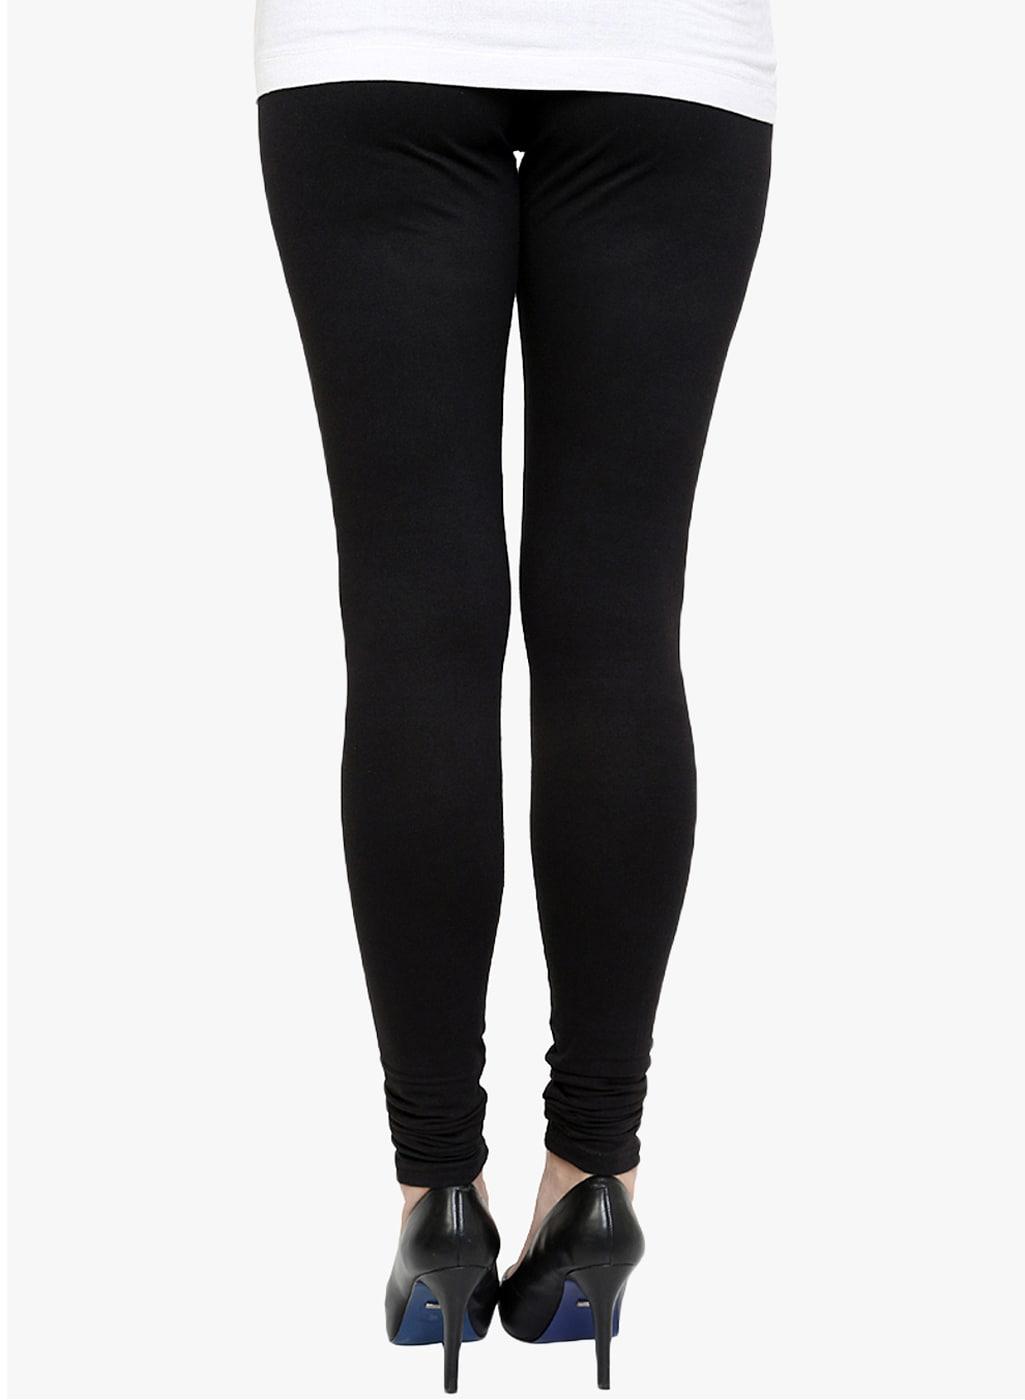 90d9264f8c43a9 Women Leggings Jeggings - Buy Women Leggings Jeggings online in India -  Jabong